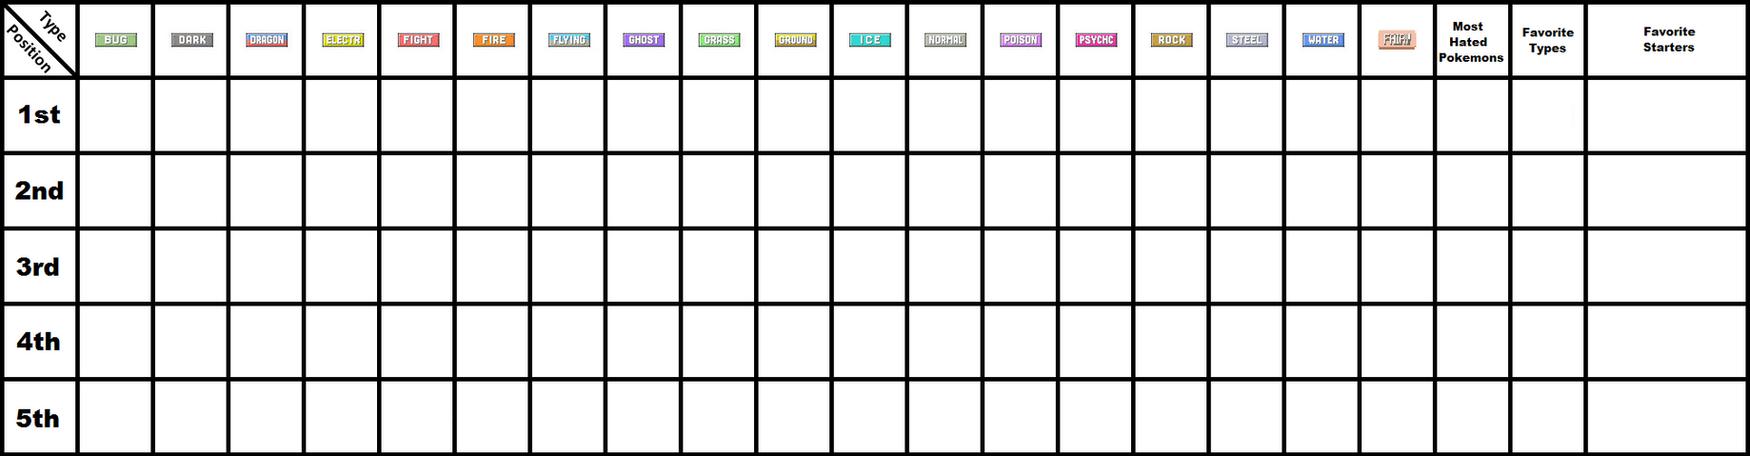 Favorite Pokemon Chart Blank by ZB-DK